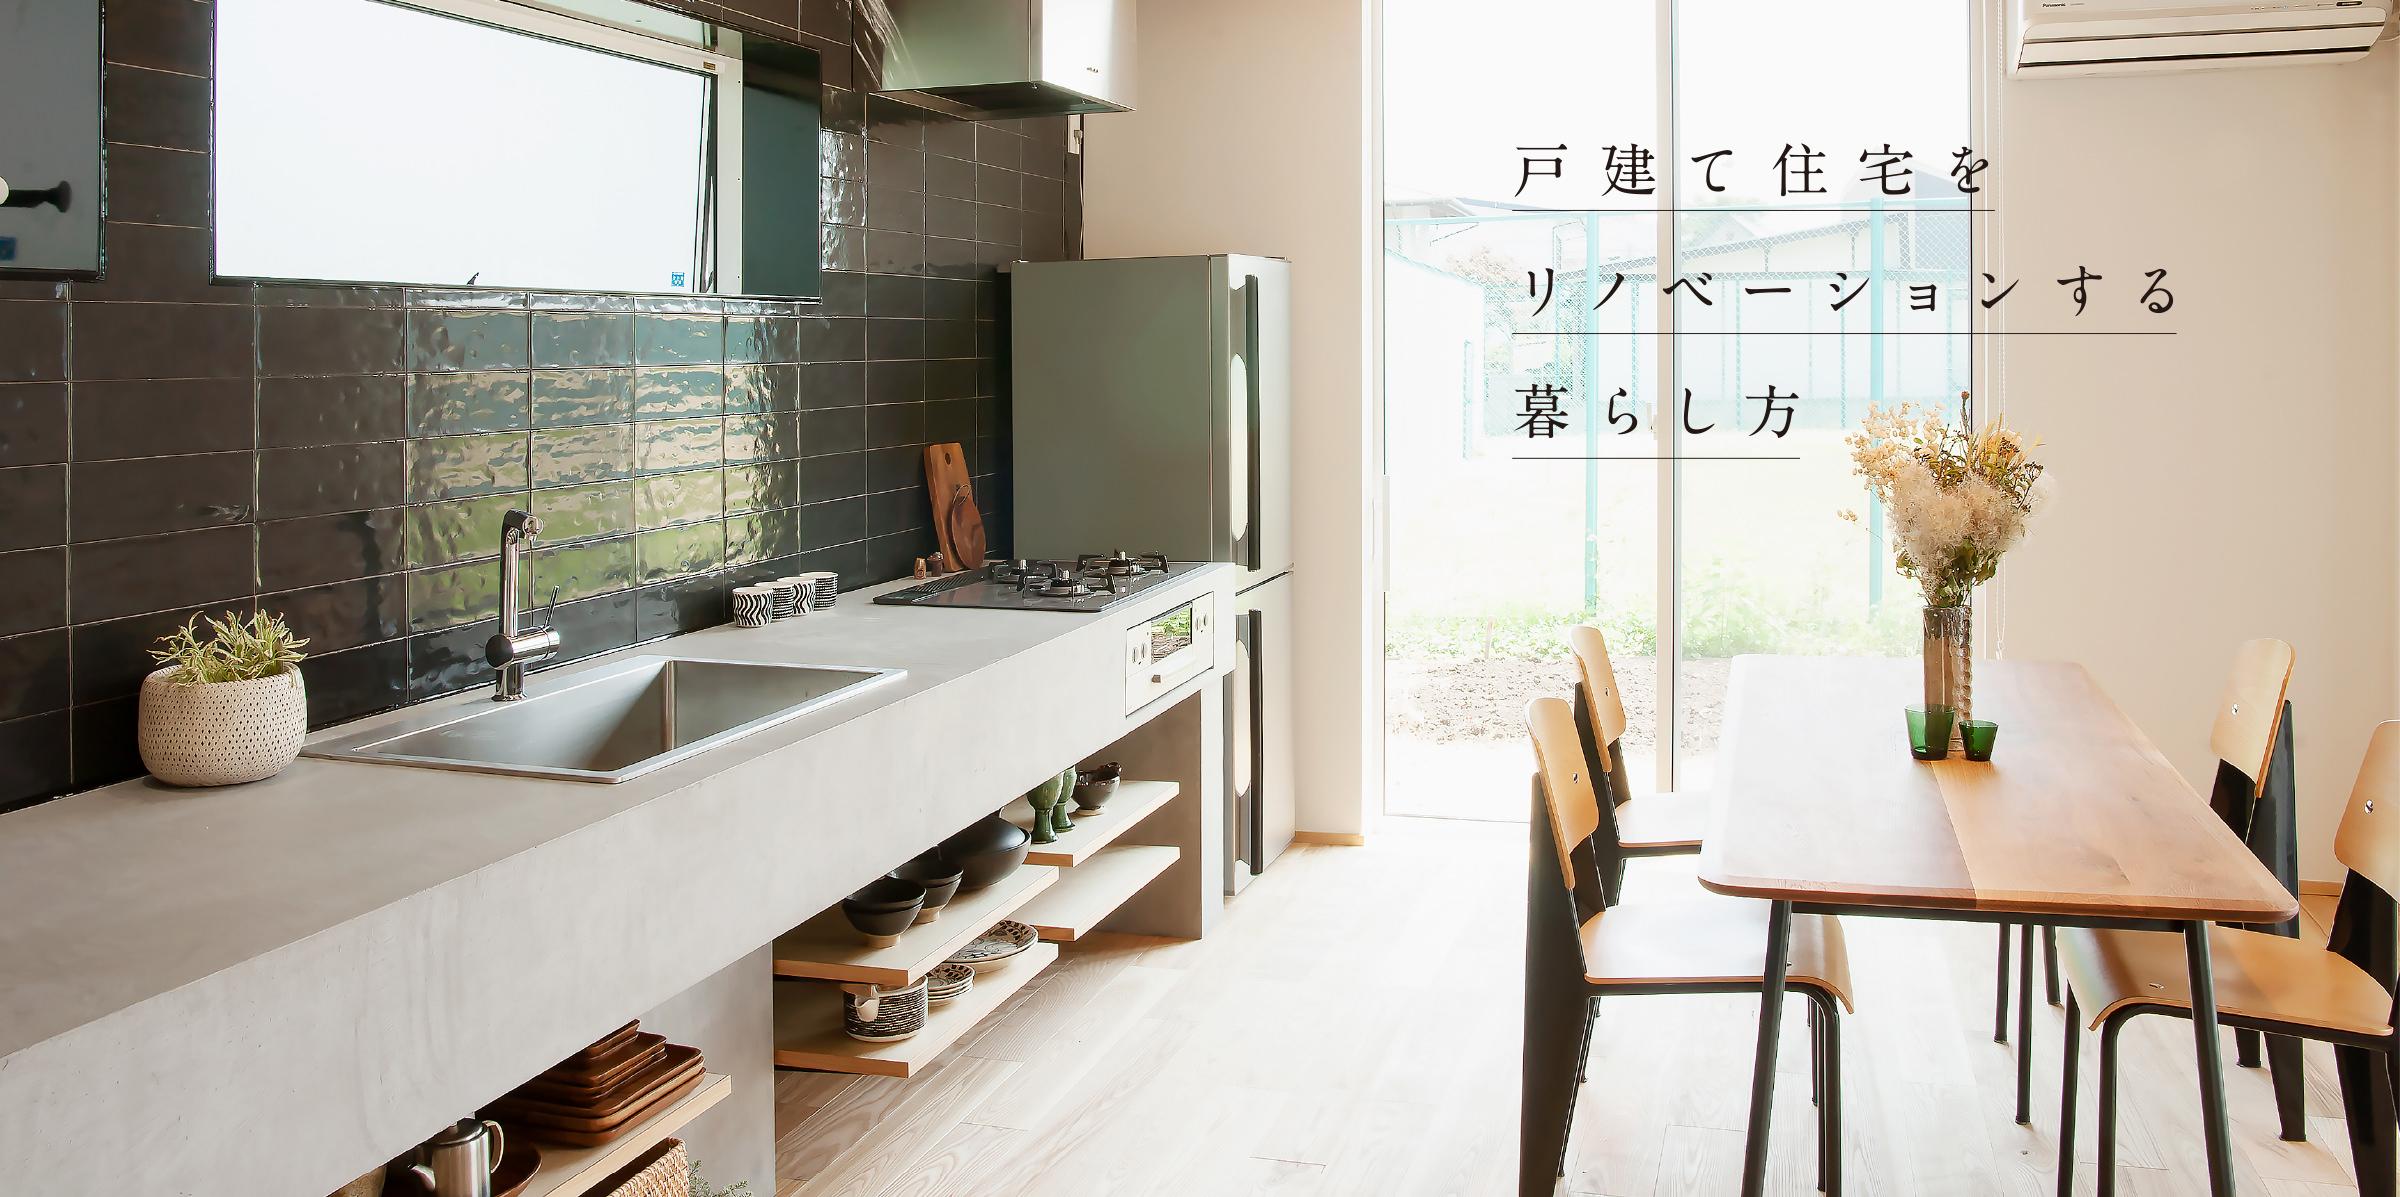 戸建で住宅をリノベーションする暮らし方